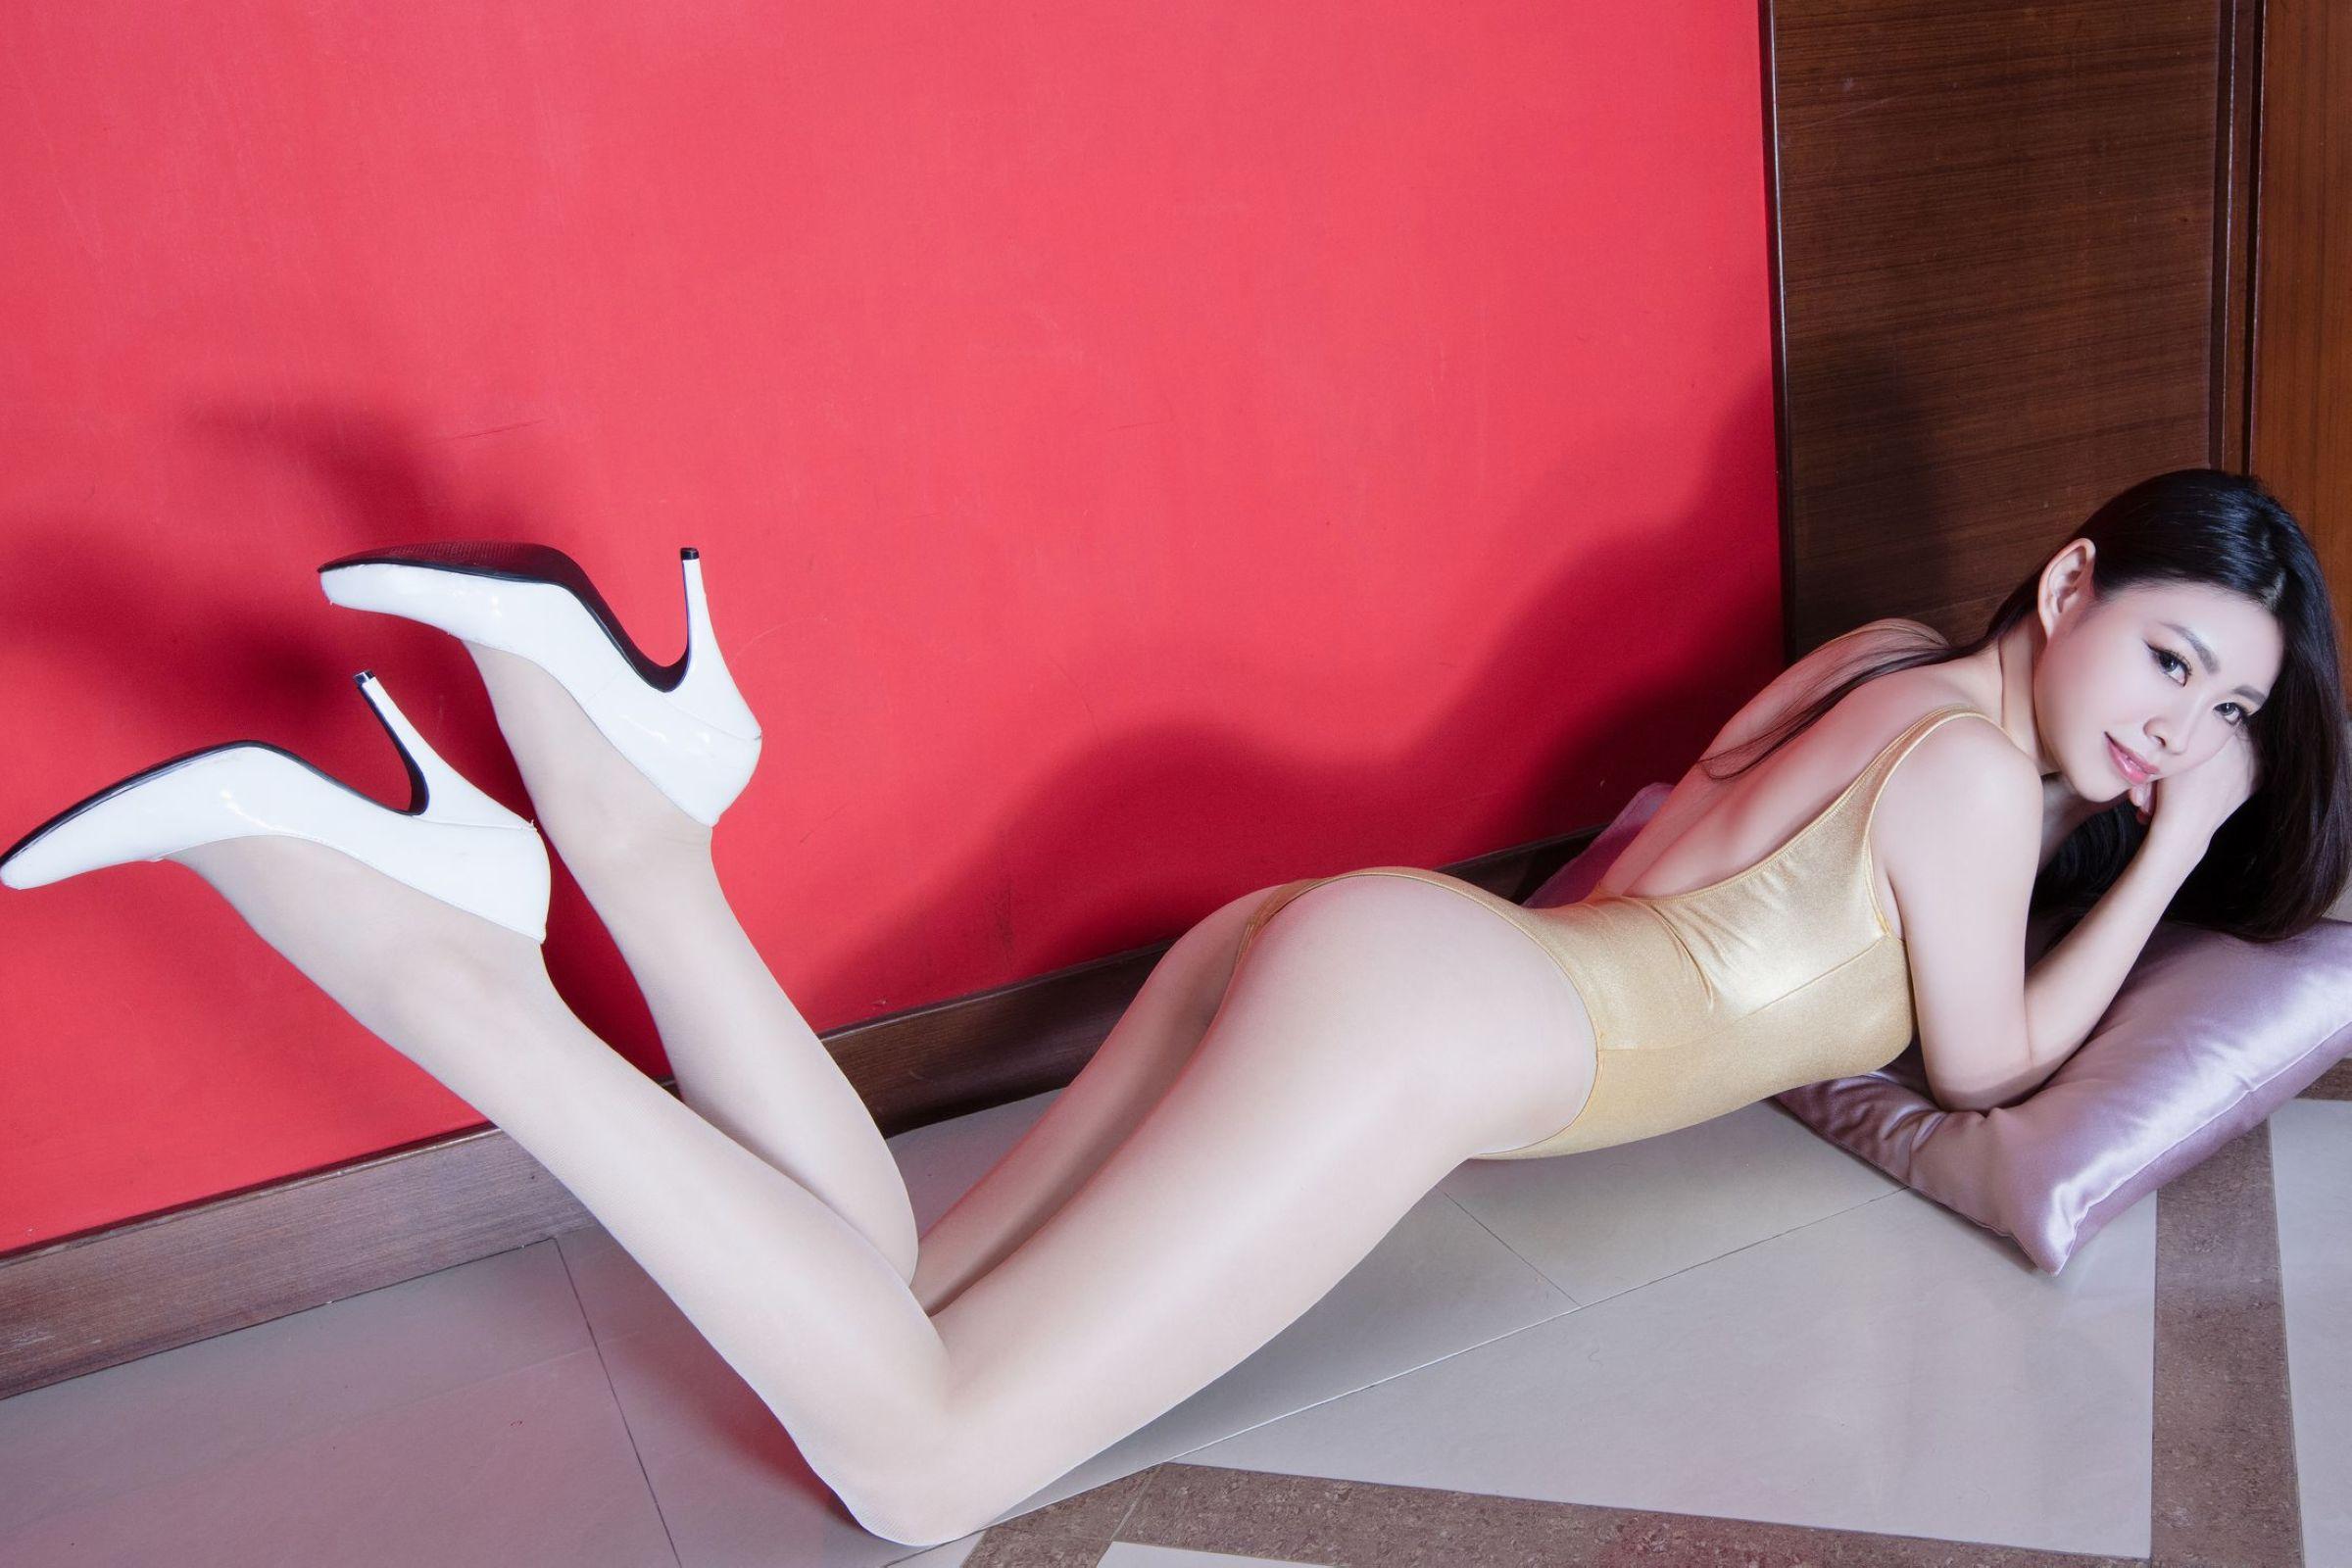 北彩美女美腿秀-Zoey[35P]NaAAz